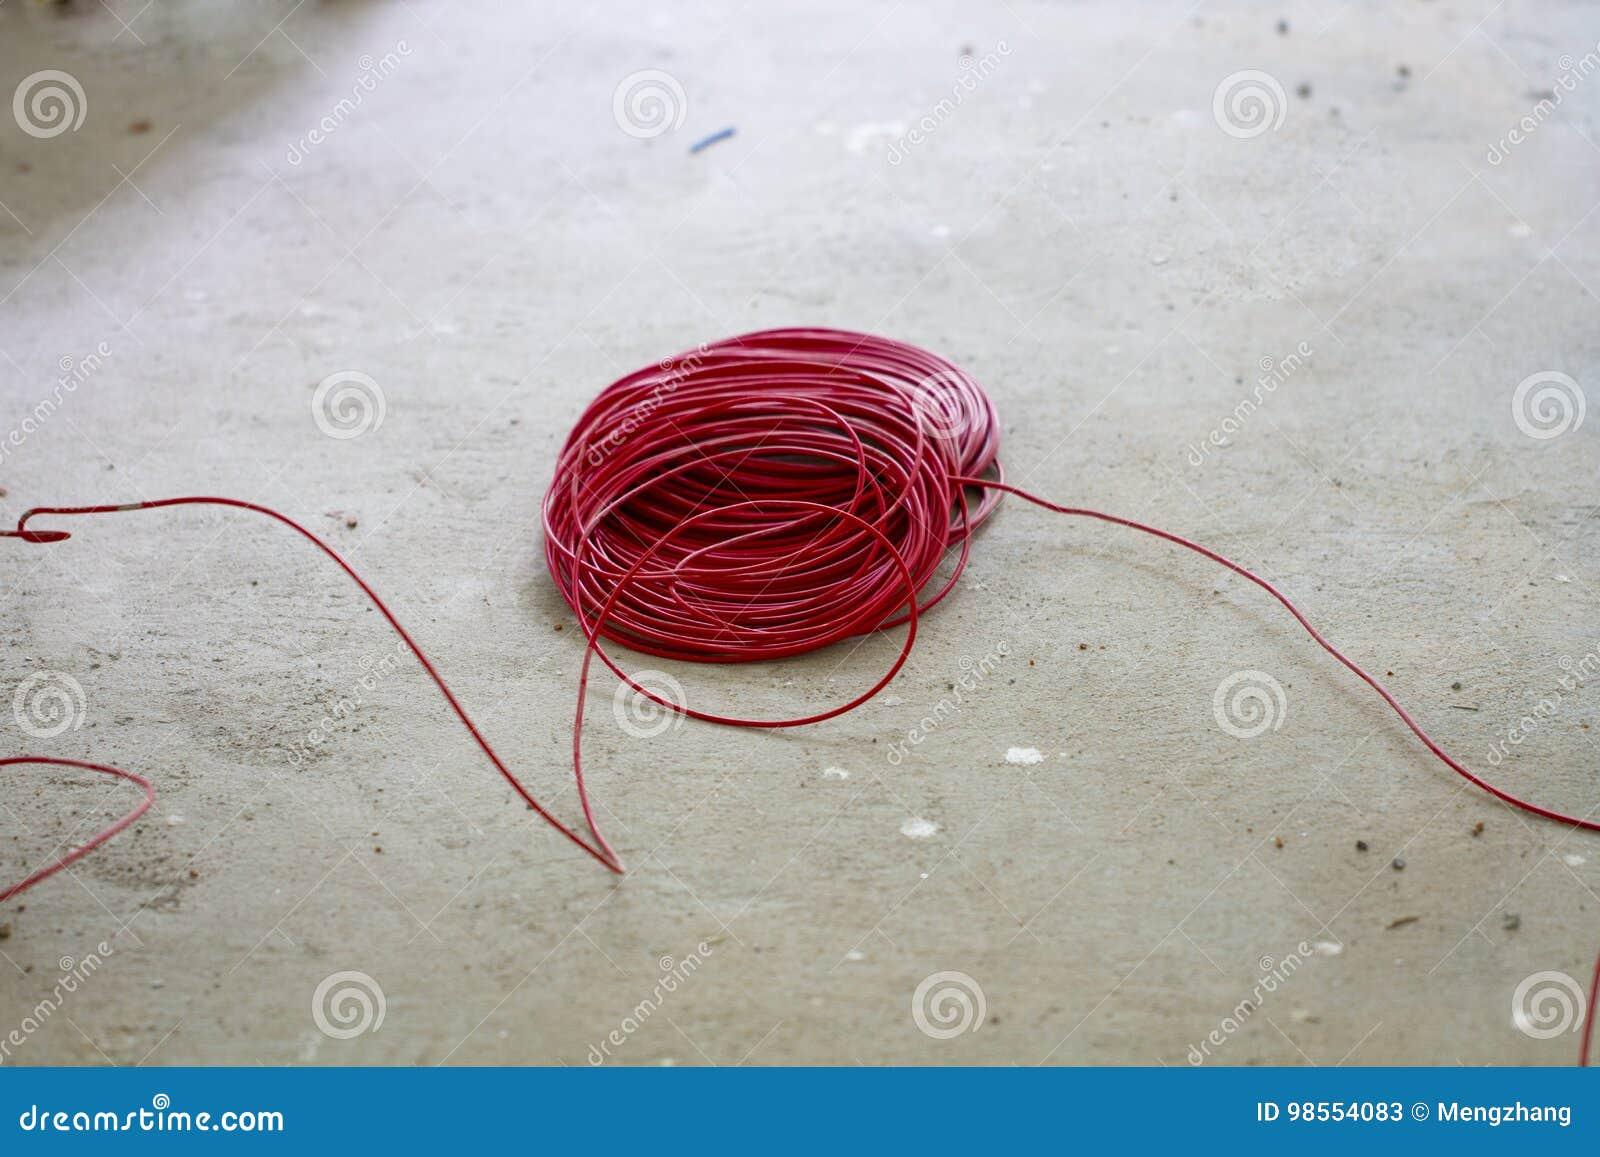 Erfreut Roter Elektrischer Draht Fotos - Der Schaltplan - triangre.info